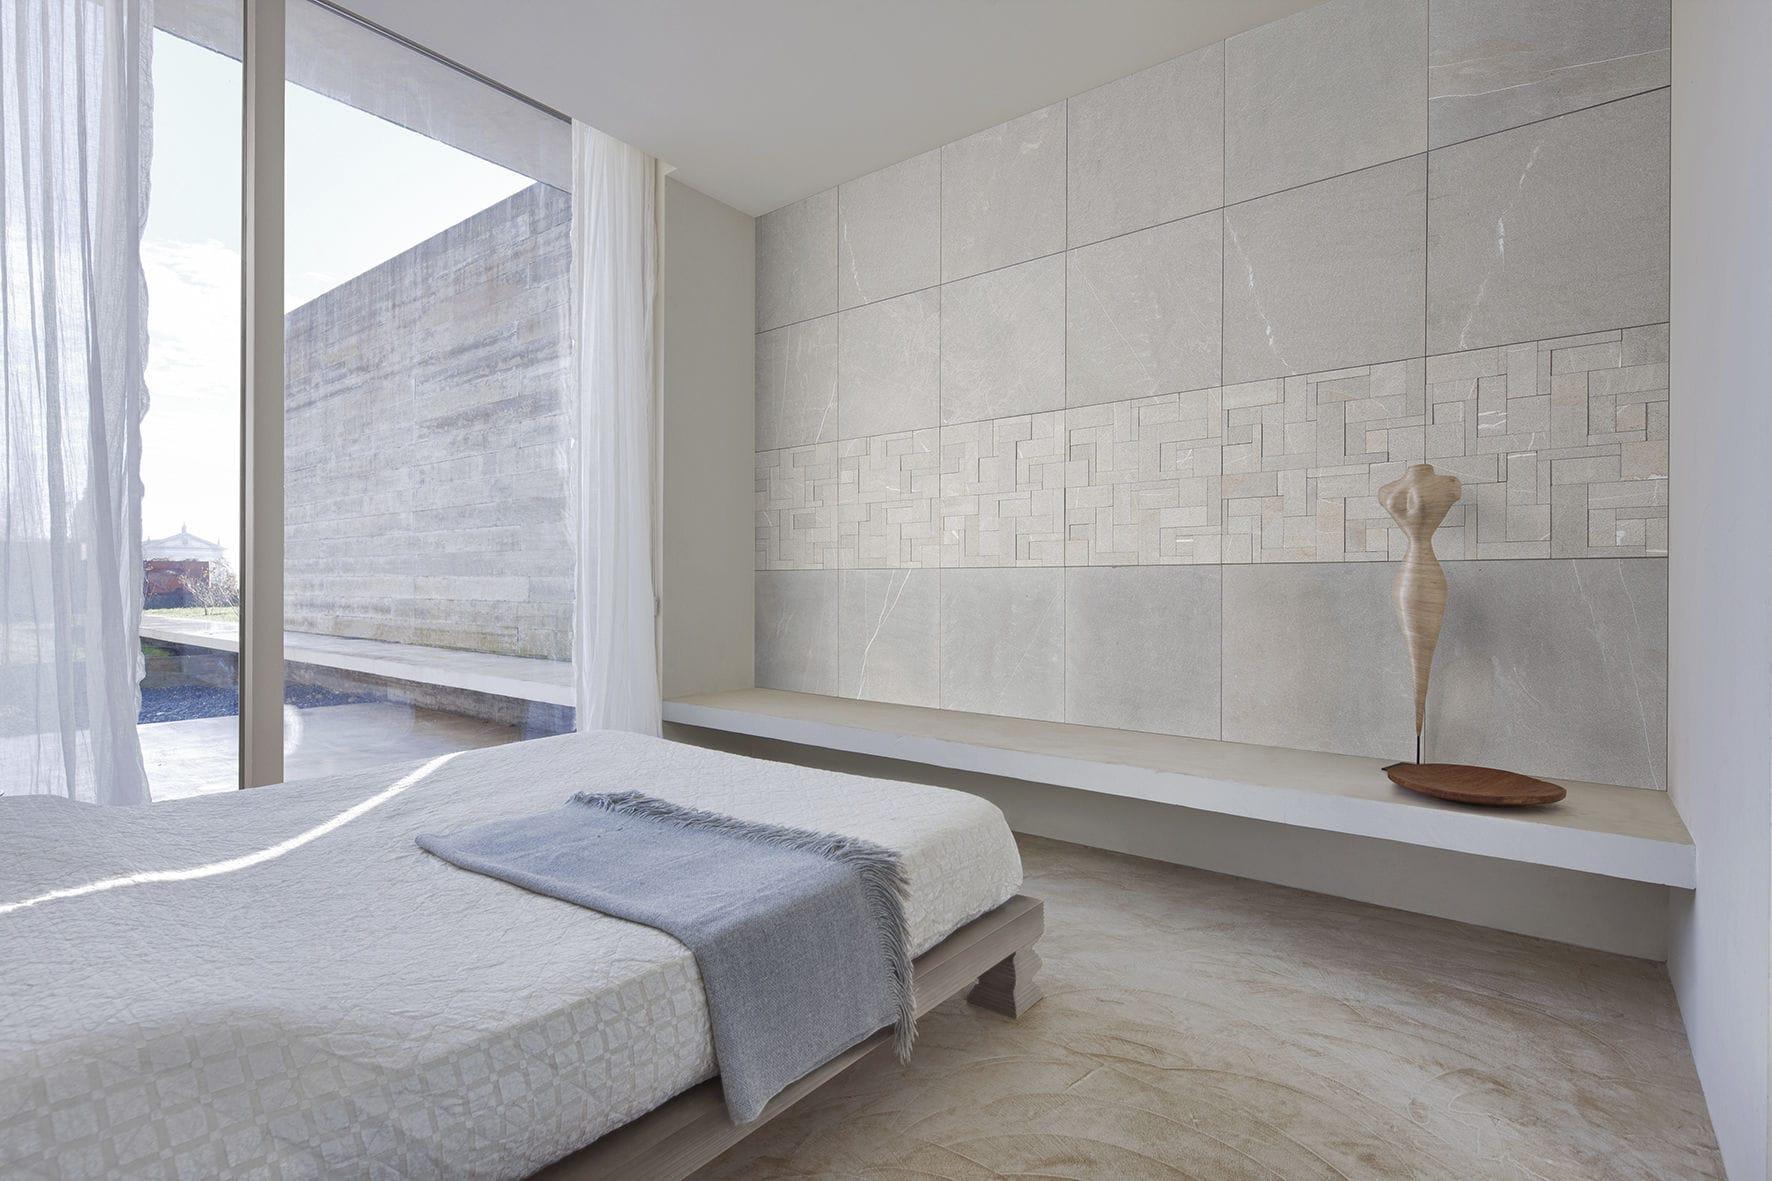 Piastrella per interni da parete in pietra naturale levigata